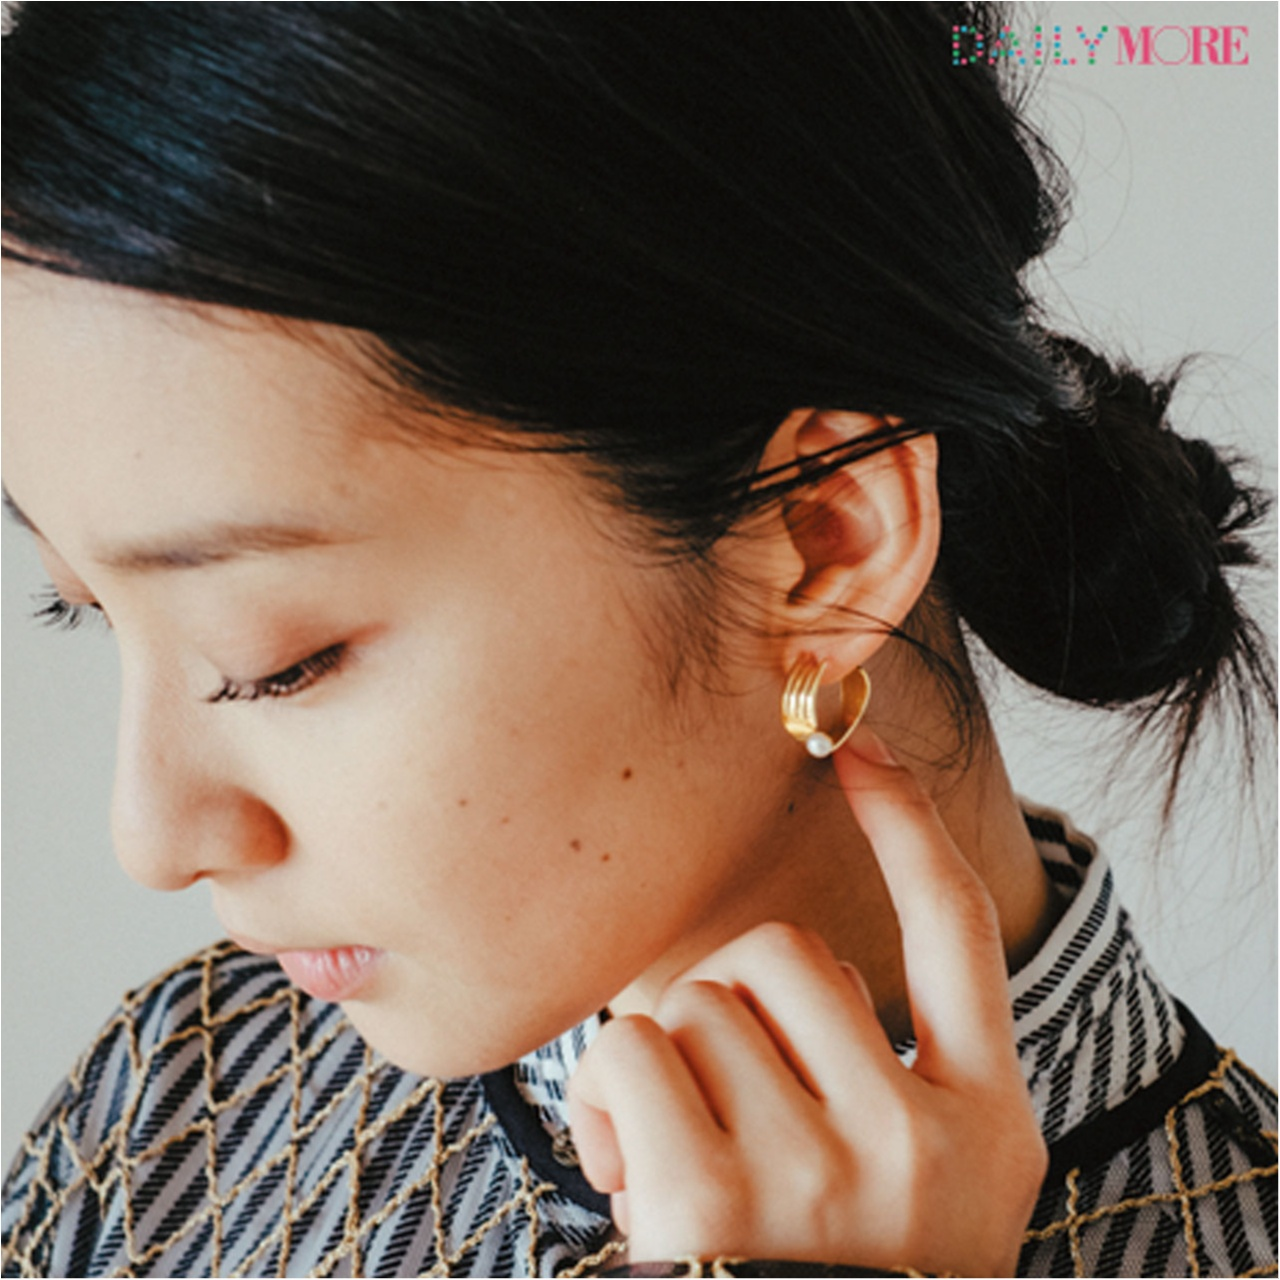 女優・武井咲さんのお気に入りワンピースは、シルエットが美しいマキシワンピ!!_2_2